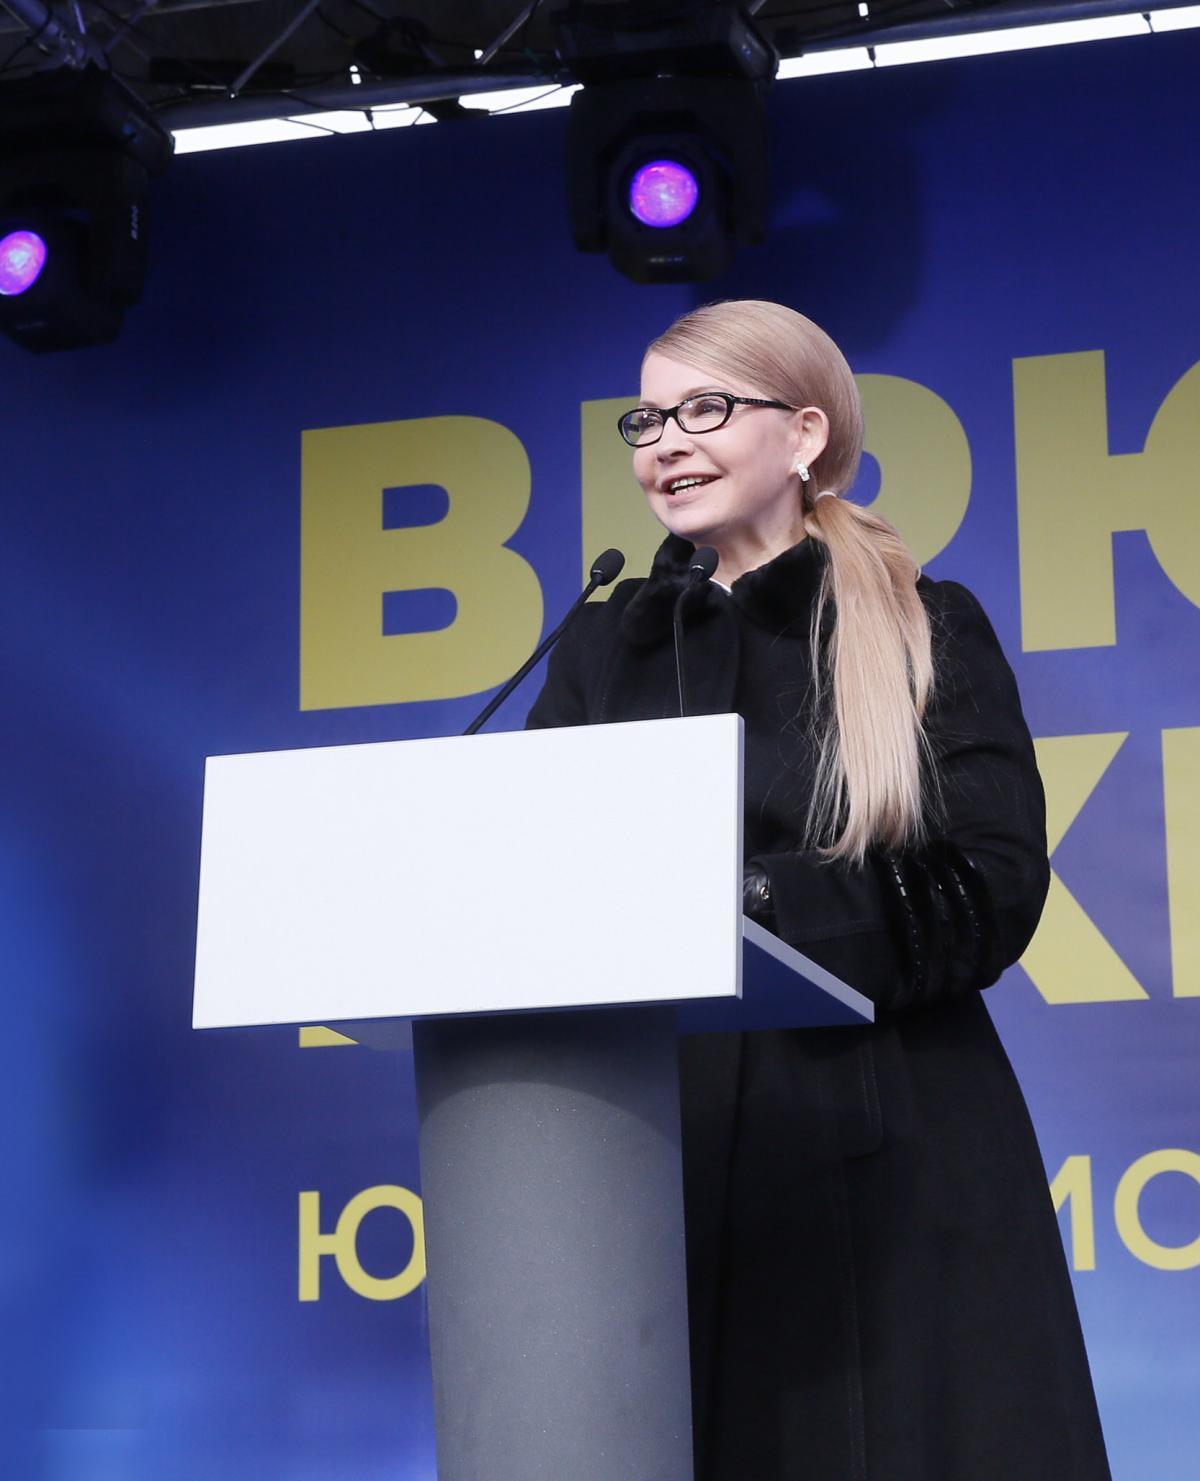 У партійних рейтингах лідирує «Батьківщина» Юлії Тимошенко із результатом у 20% / Photo by Alexander Prokopenko